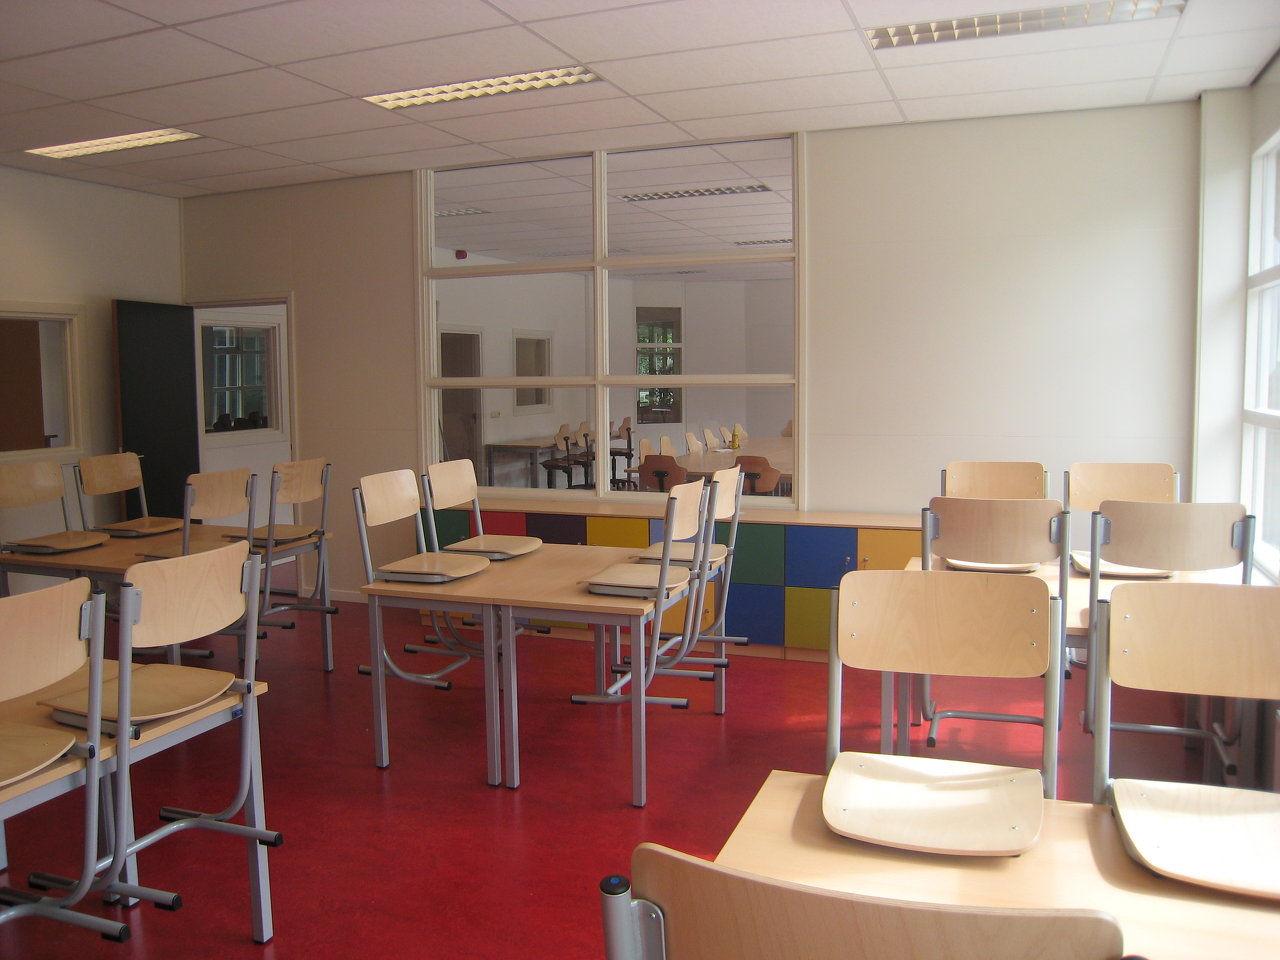 Schoolmeubilalir werkplaatsinrichting maatwerk for Meubilair basisonderwijs